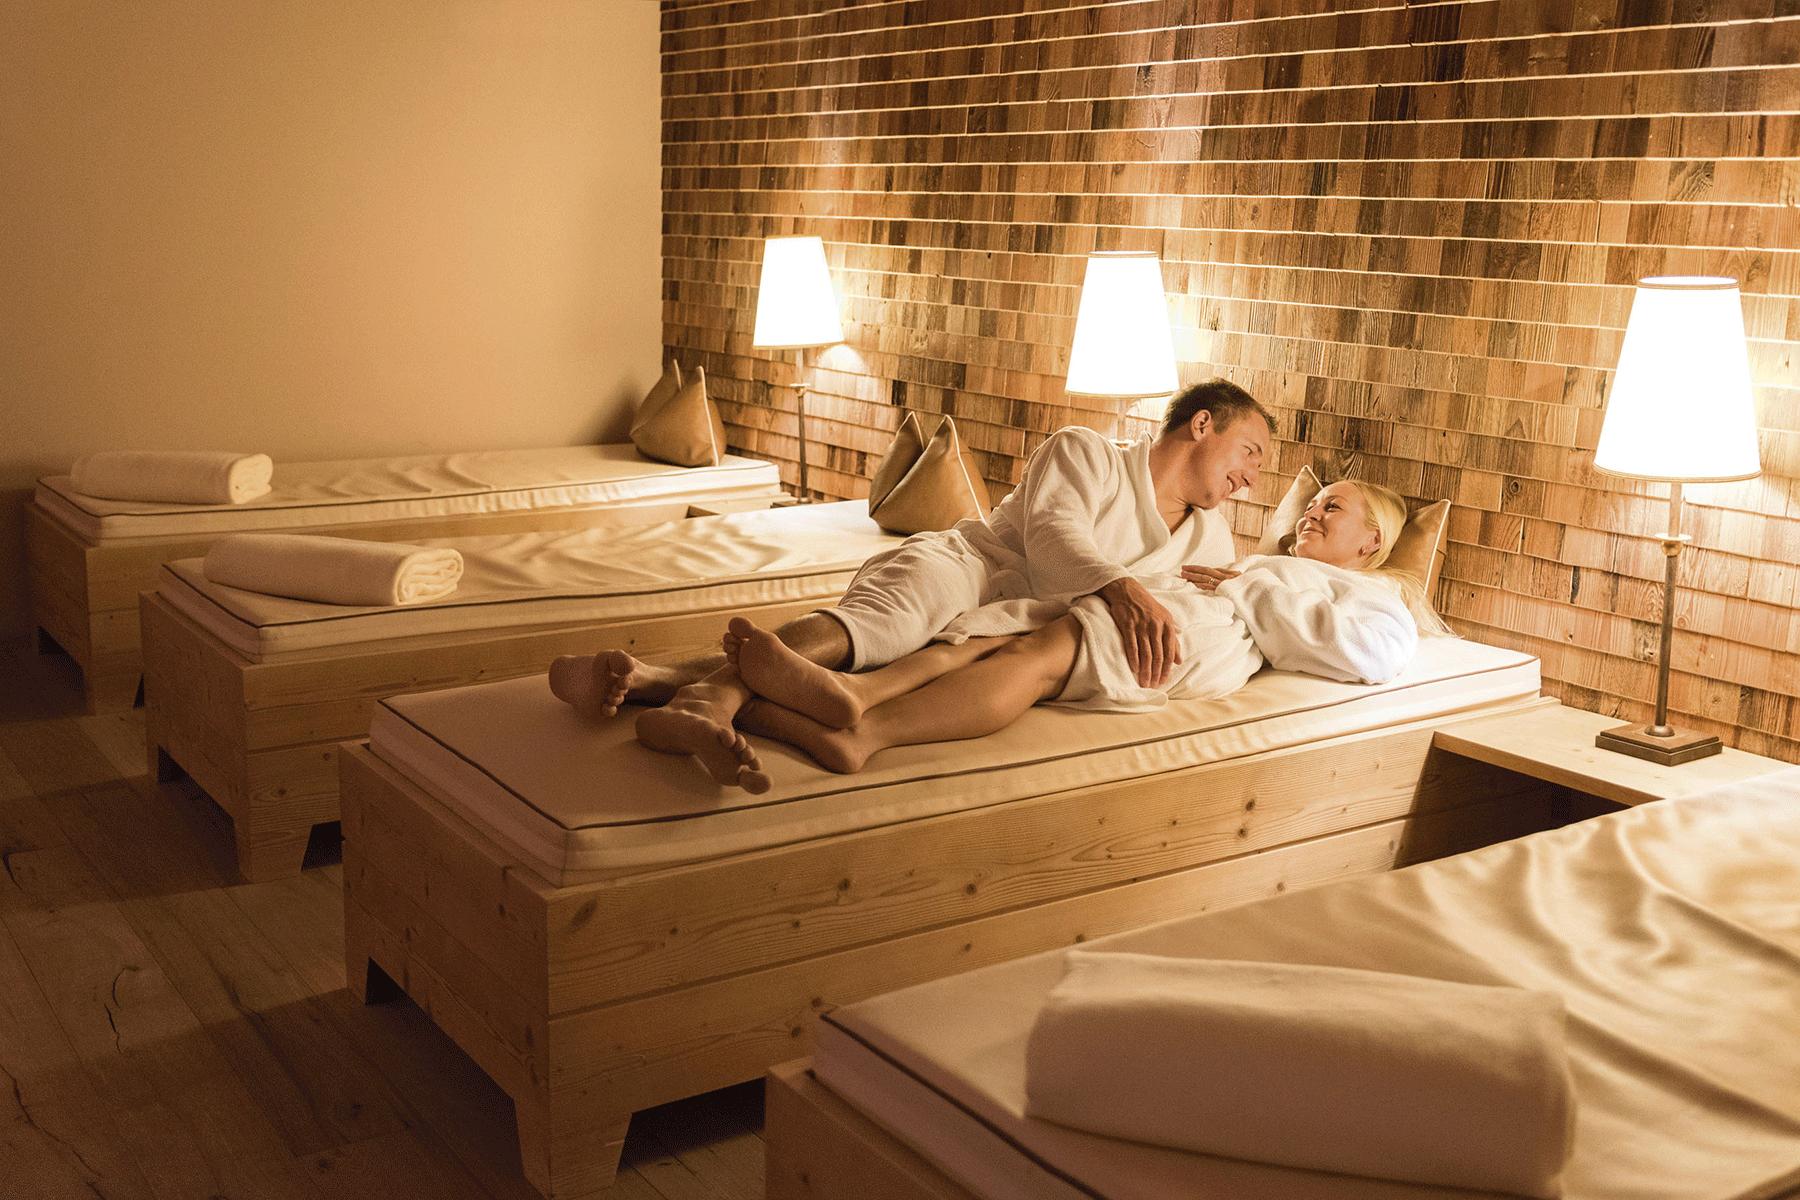 Raum der Sinne Paar pur im Spa Hotel Kitzbüheler Alpen